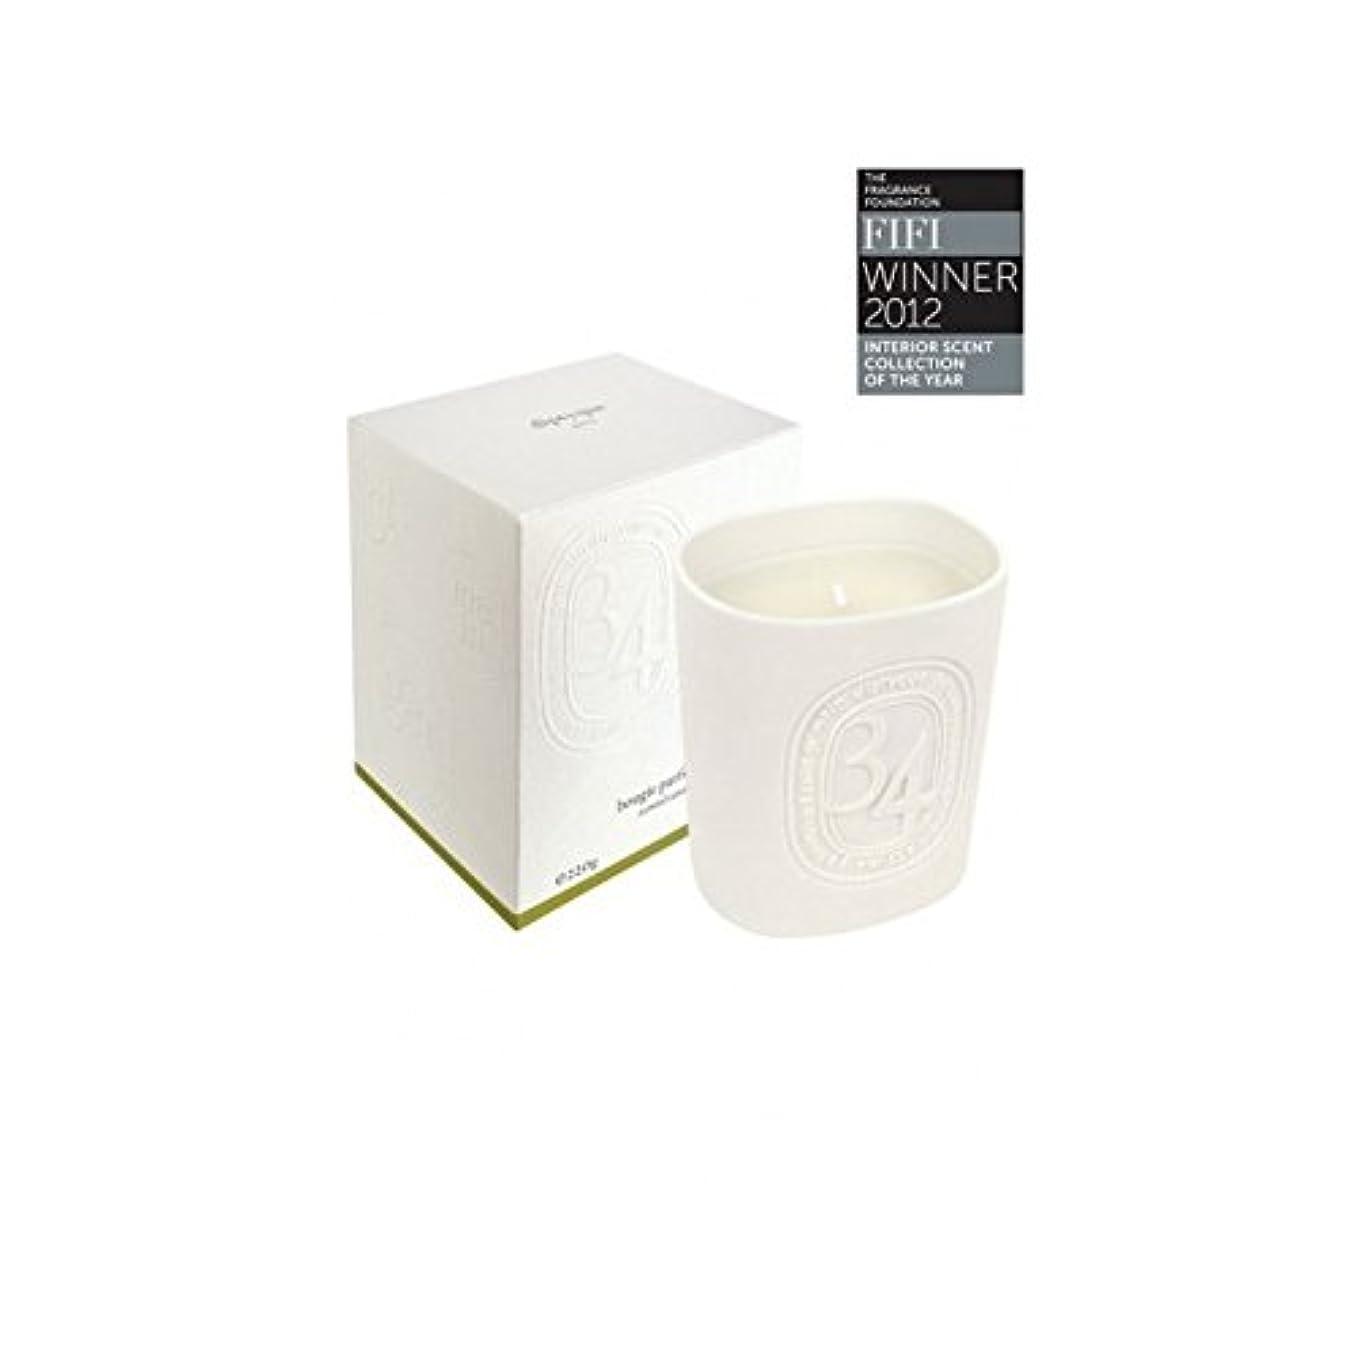 順応性のあるドキドキプレゼンDiptyque Collection 34 Boulevard Saint Germain Candle 220g (Pack of 2) - Diptyqueコレクション34大通りサンジェルマンキャンドル220グラム...